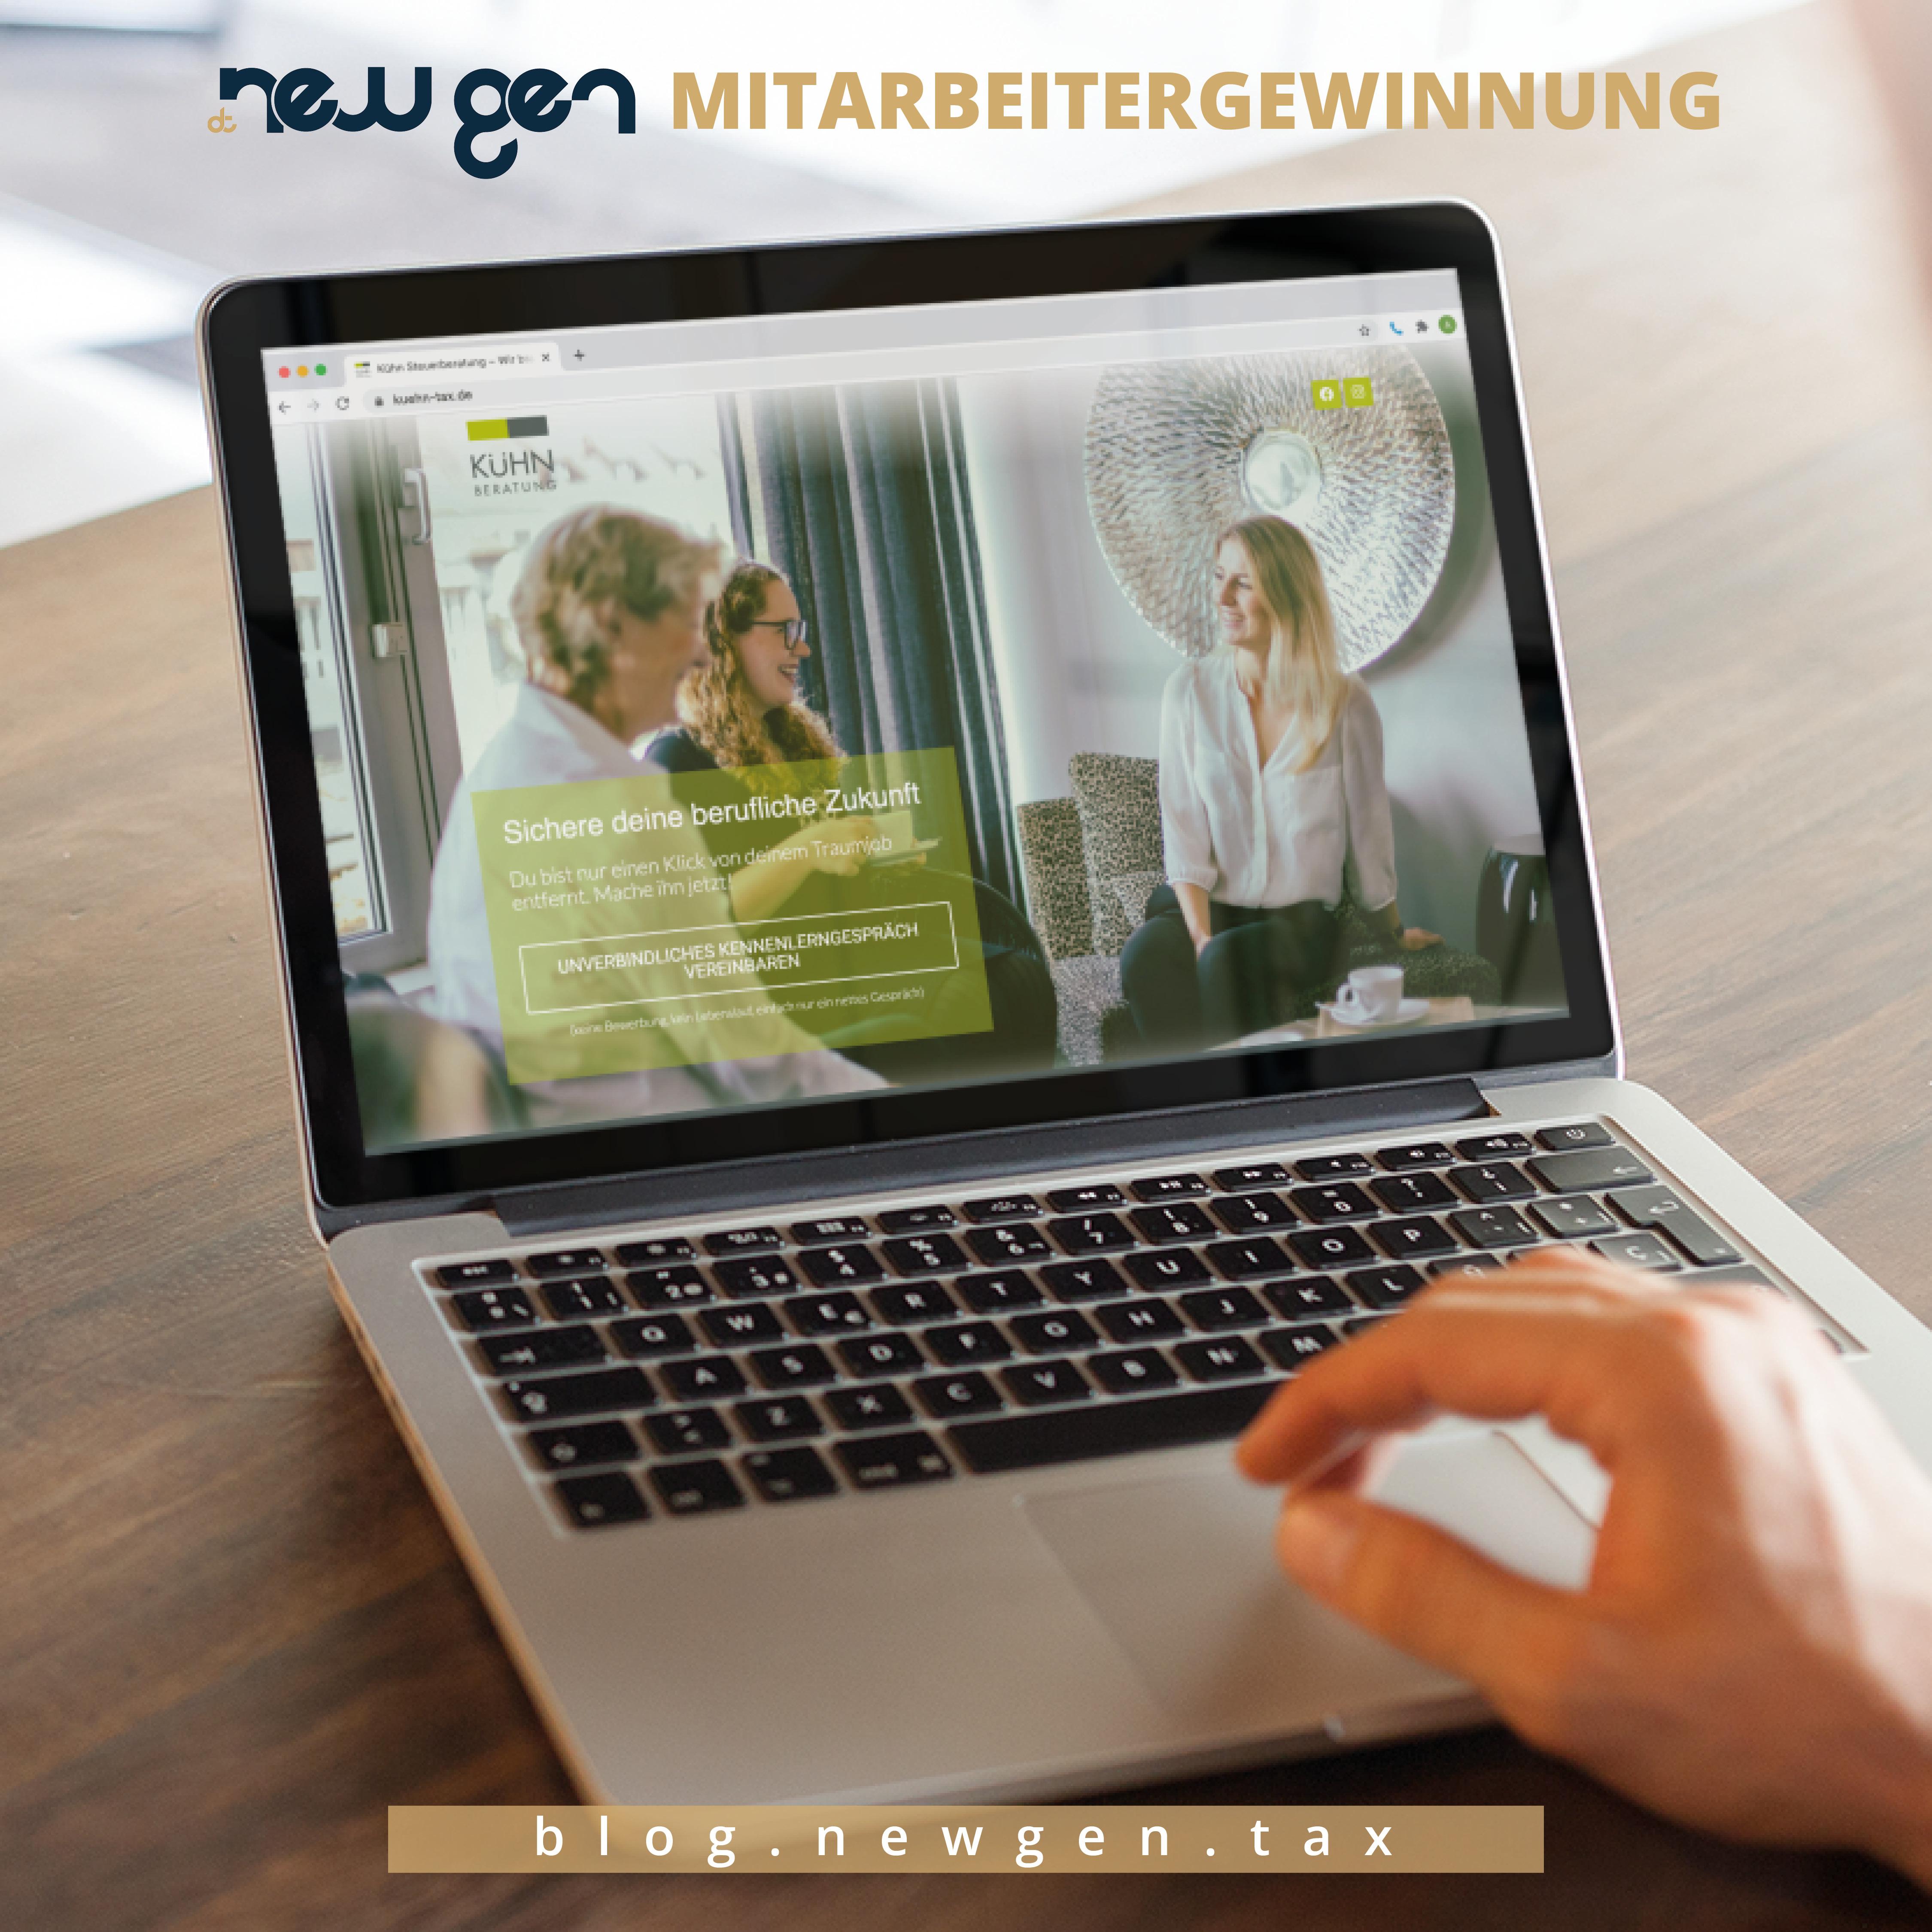 new gen Mitarbeitergewinnung -Martin Kühn